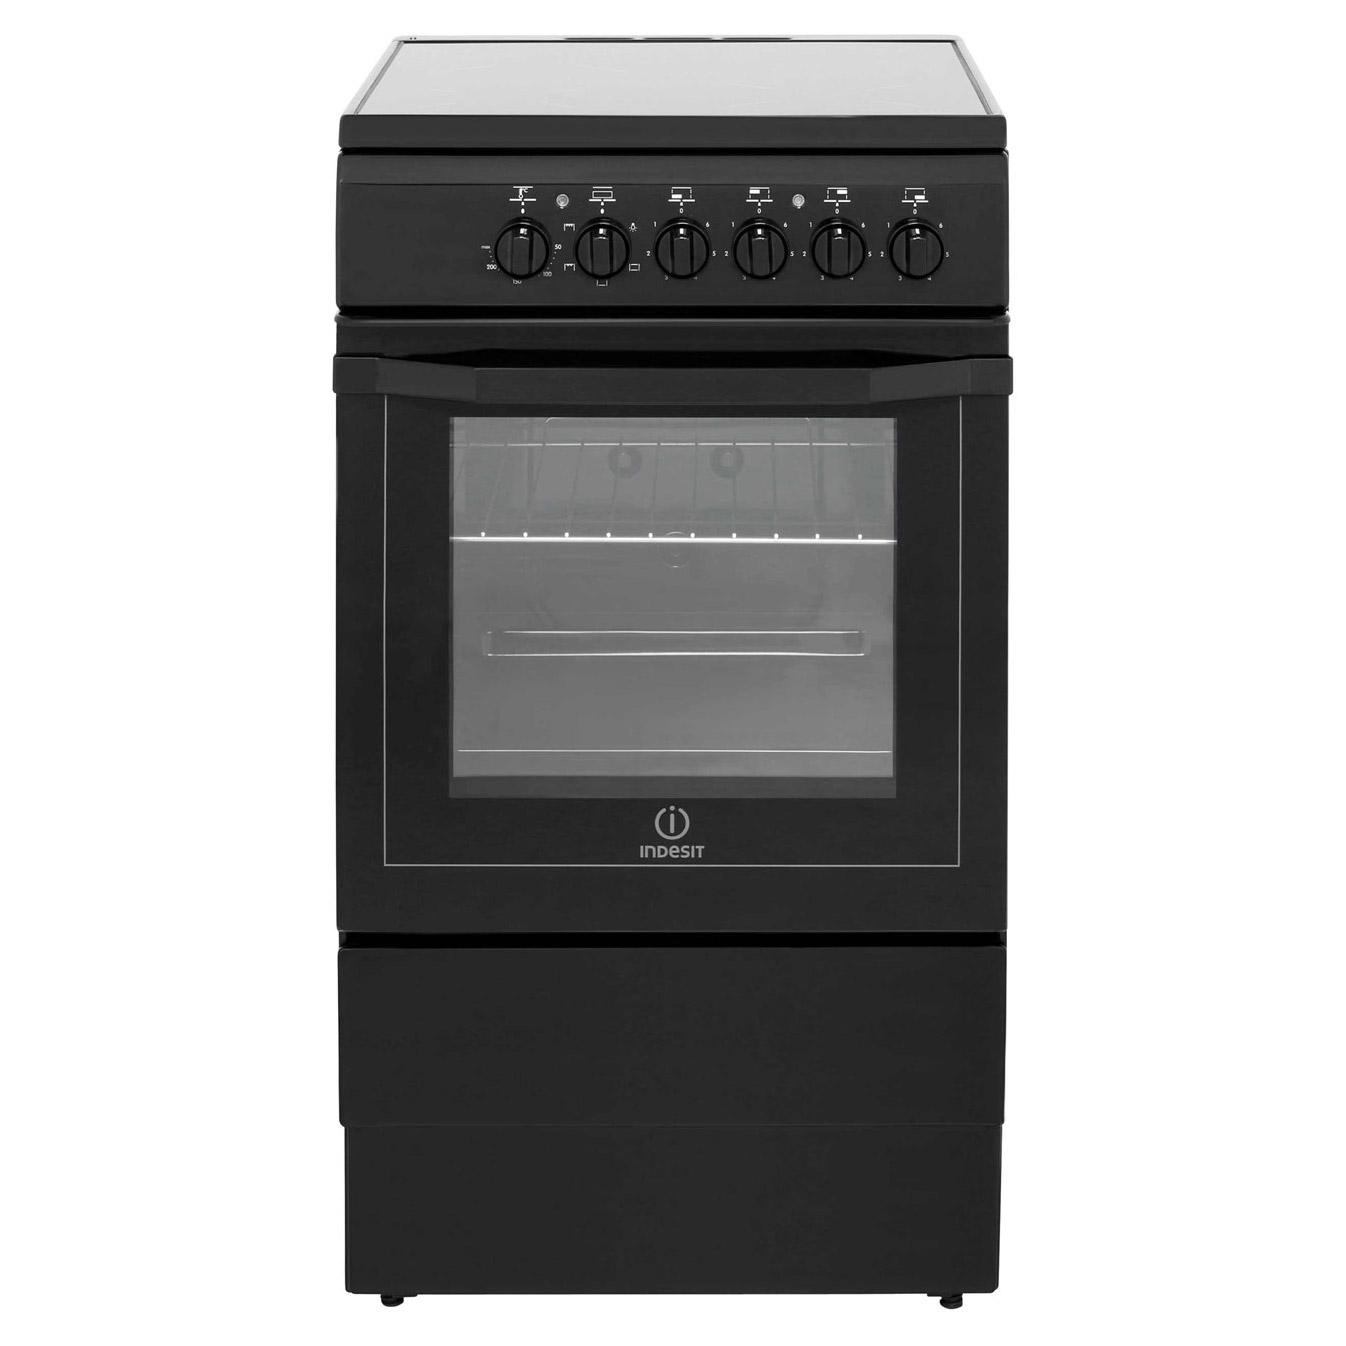 indesit i5vshk 50cm single oven electric cooker in black ceramic hob rh sonicdirect co uk belling format oven timer instructions belling format cooker parts